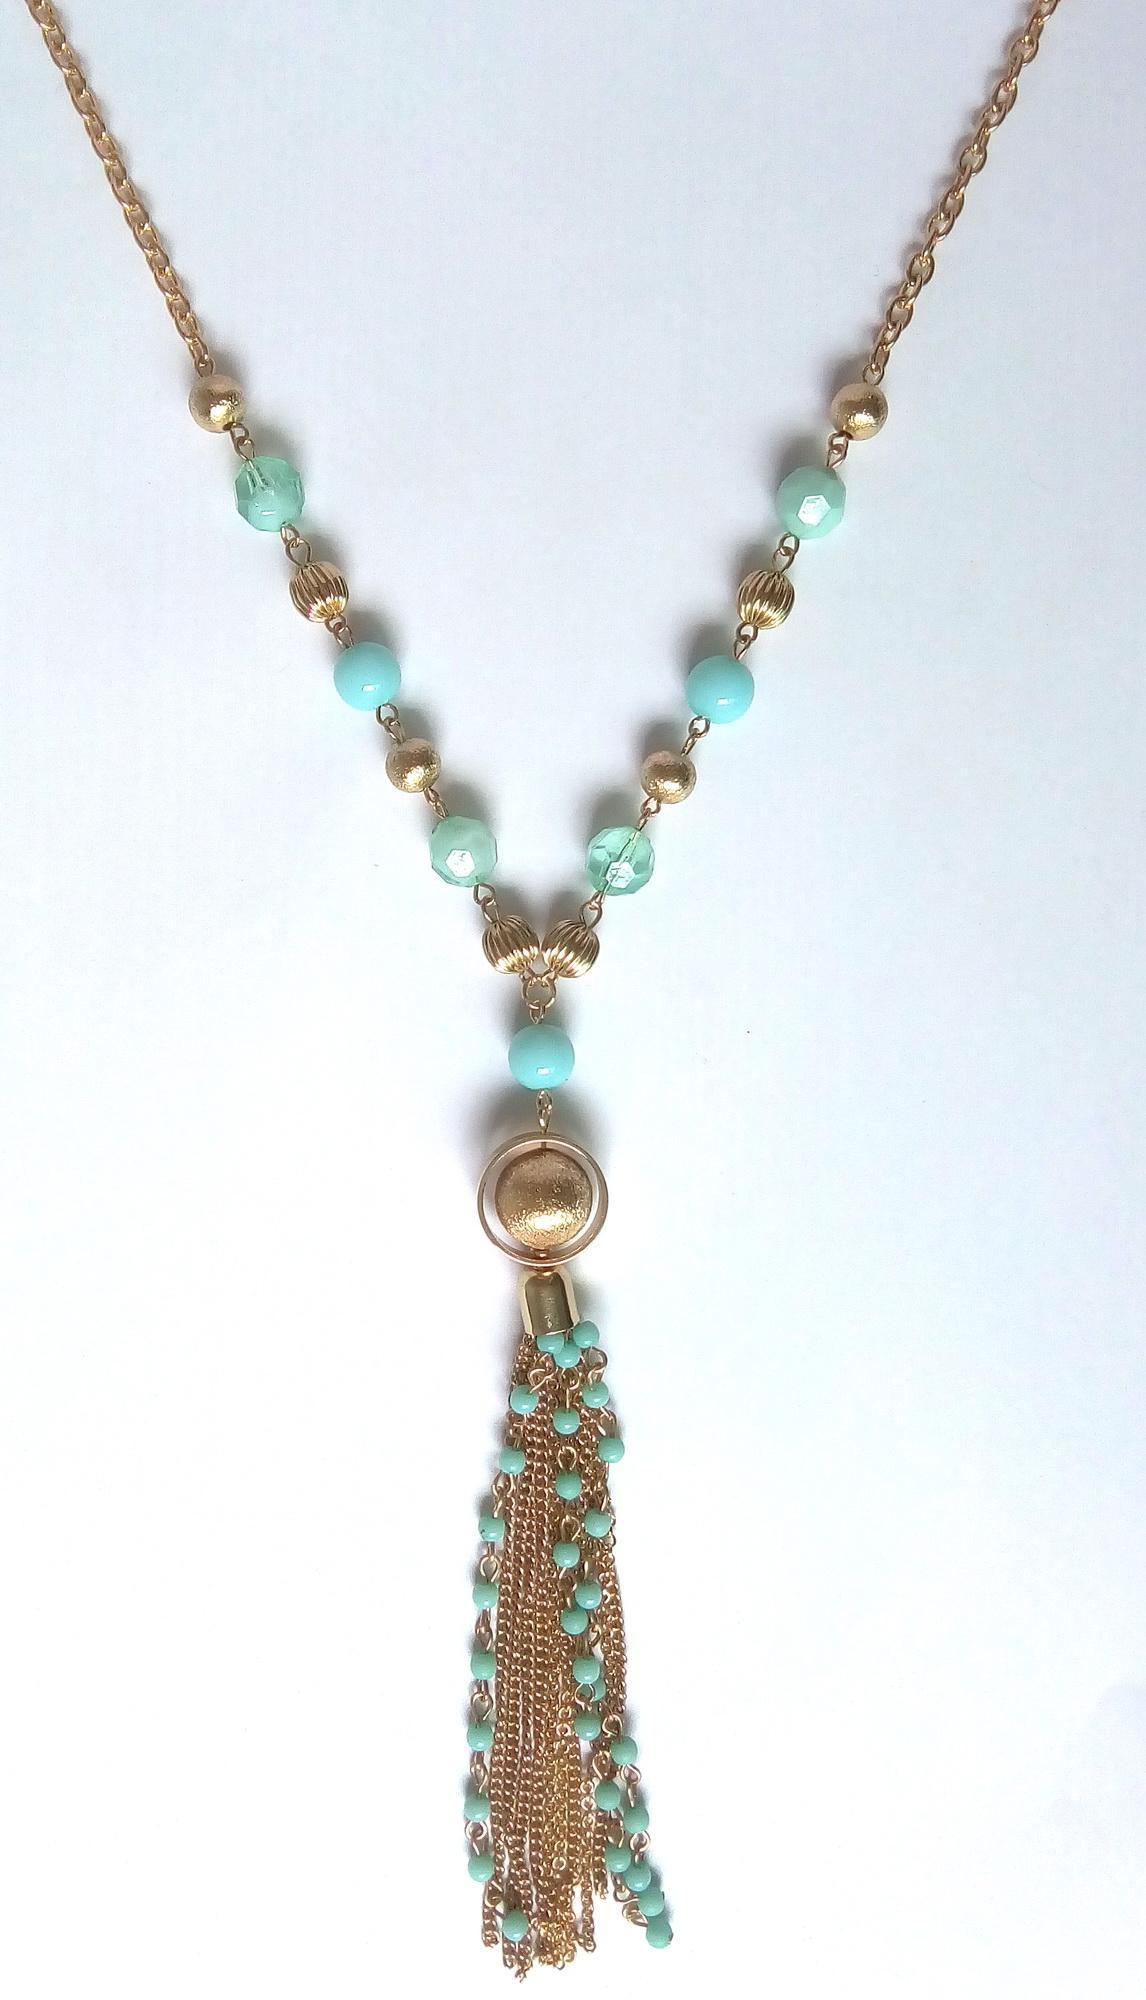 مجوهرات جديدة اليدوية الوردية الخرز شرابة قلادة القلائد الطويلة للنساء Birhtday هدايا سلسلة شرابة مطرز قلادة الكرة الرملية